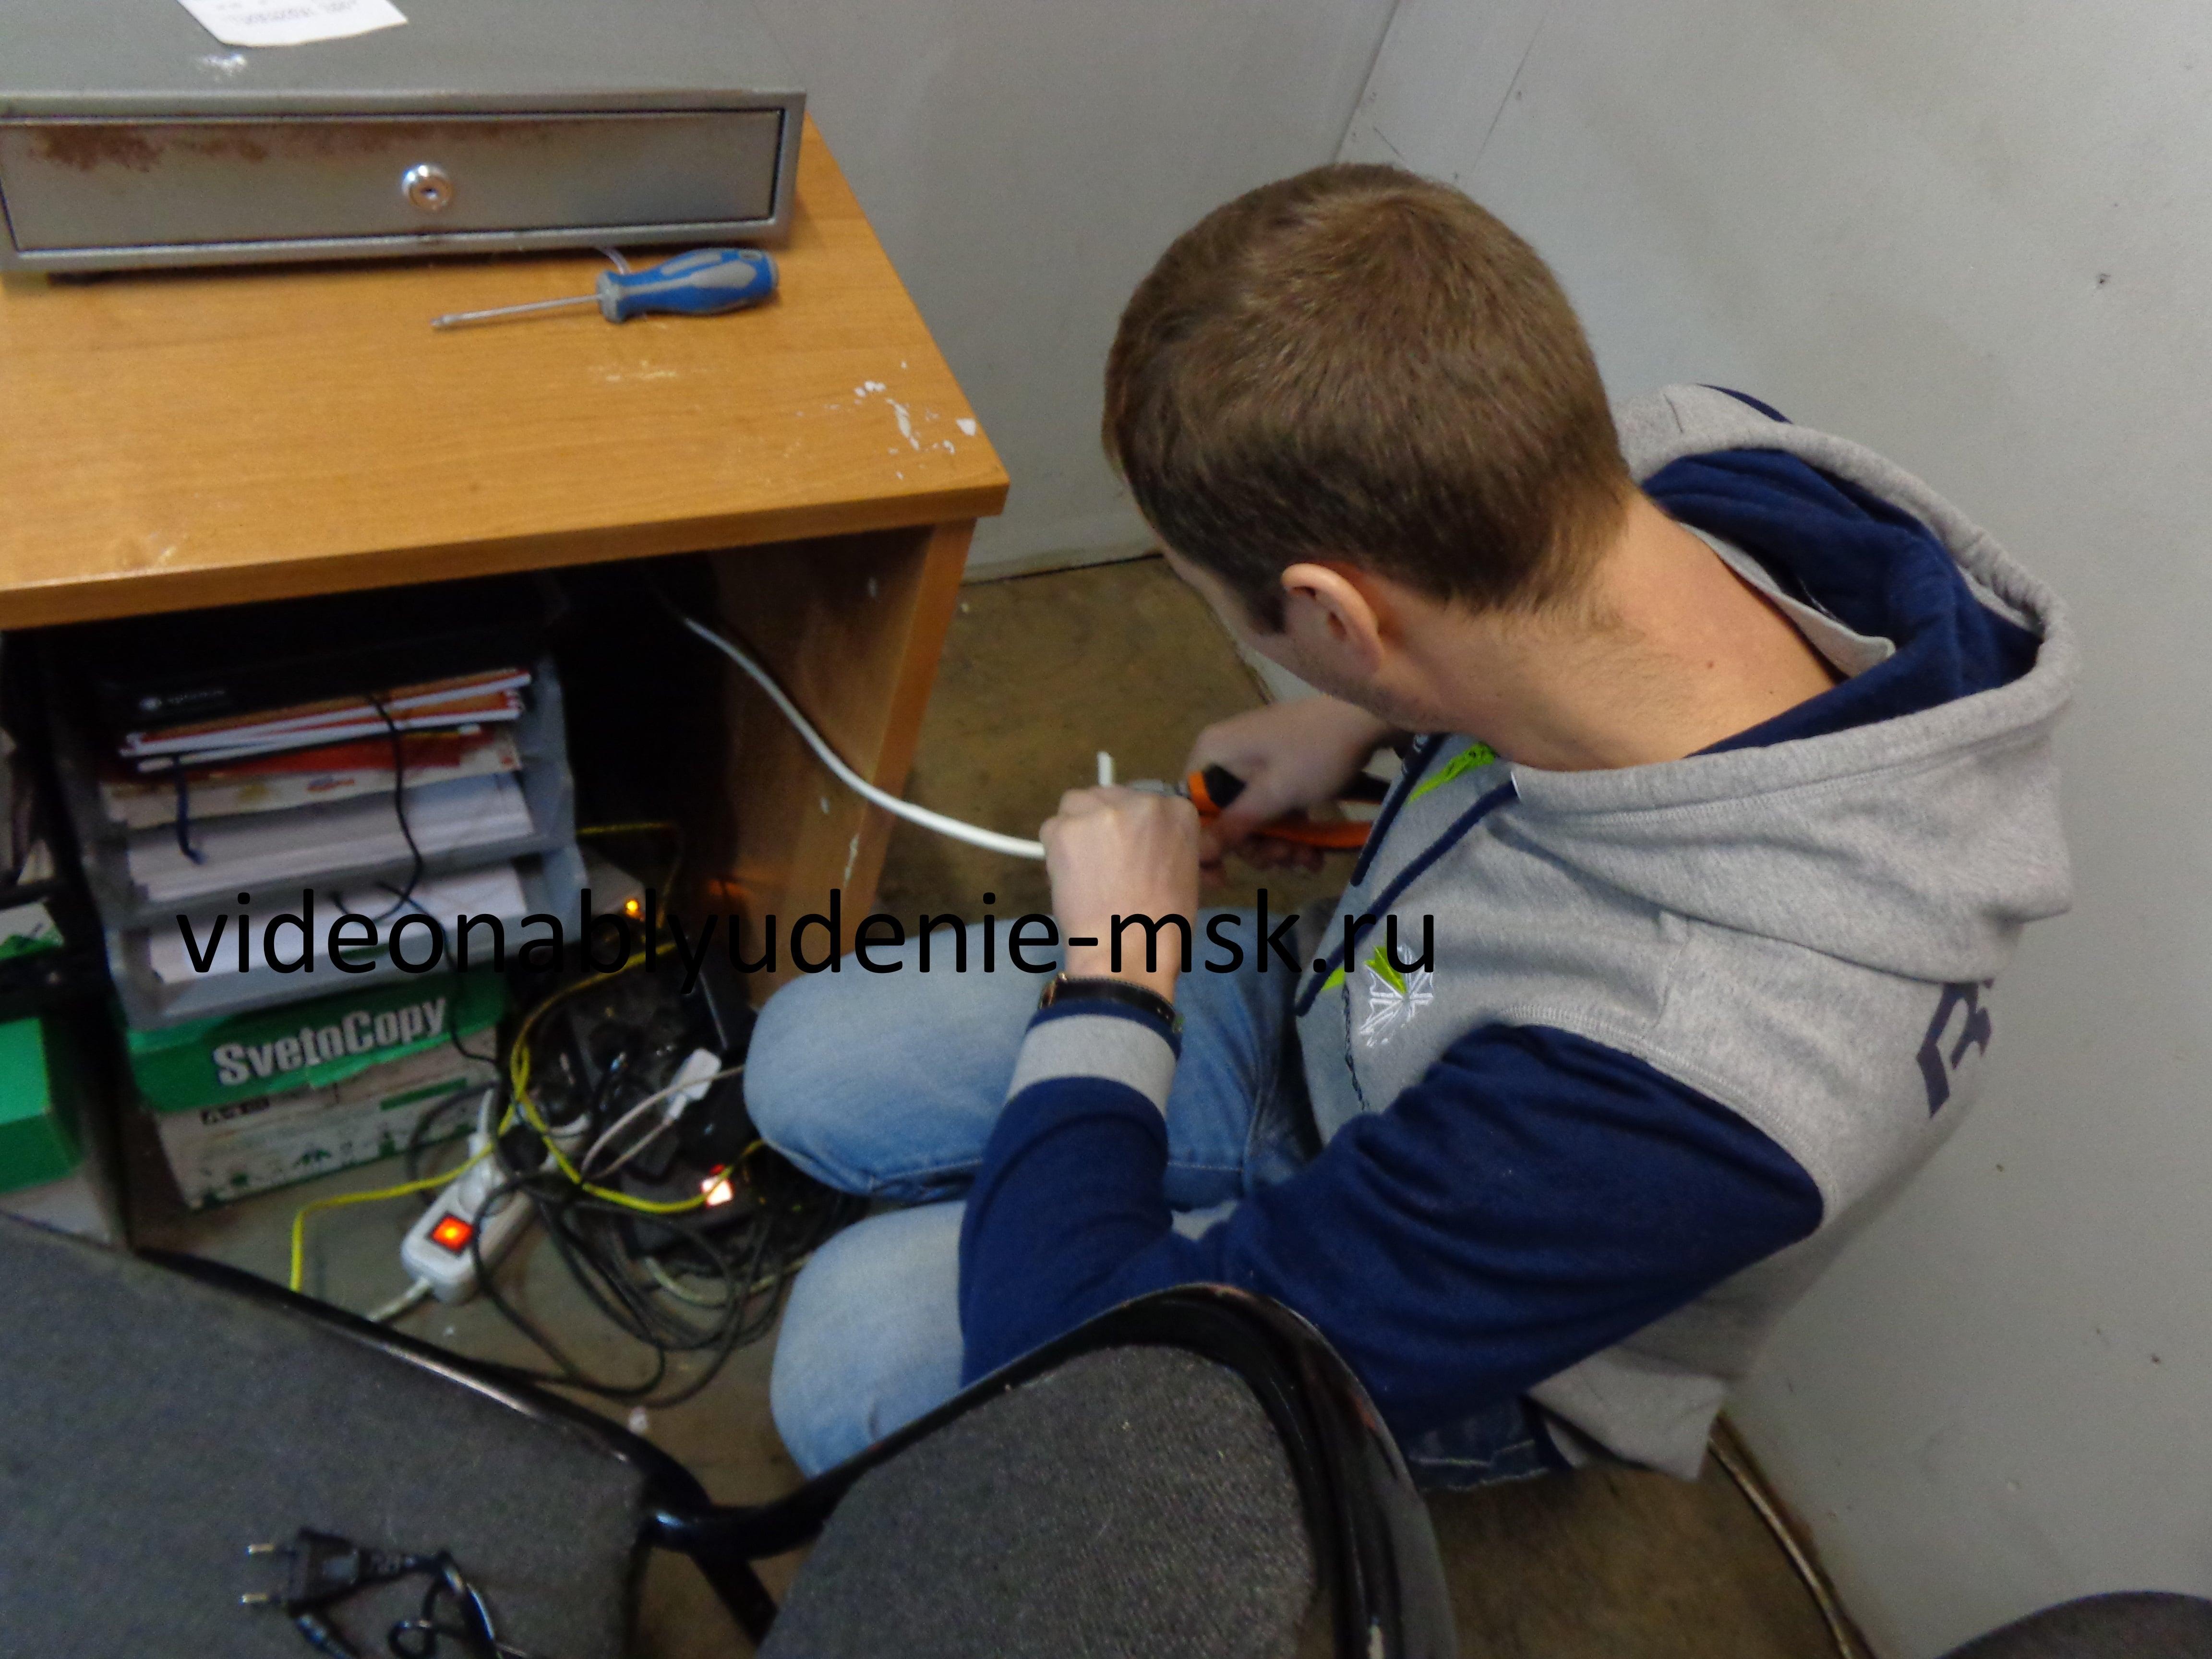 Установка систем видеонаблюдения Фото 2